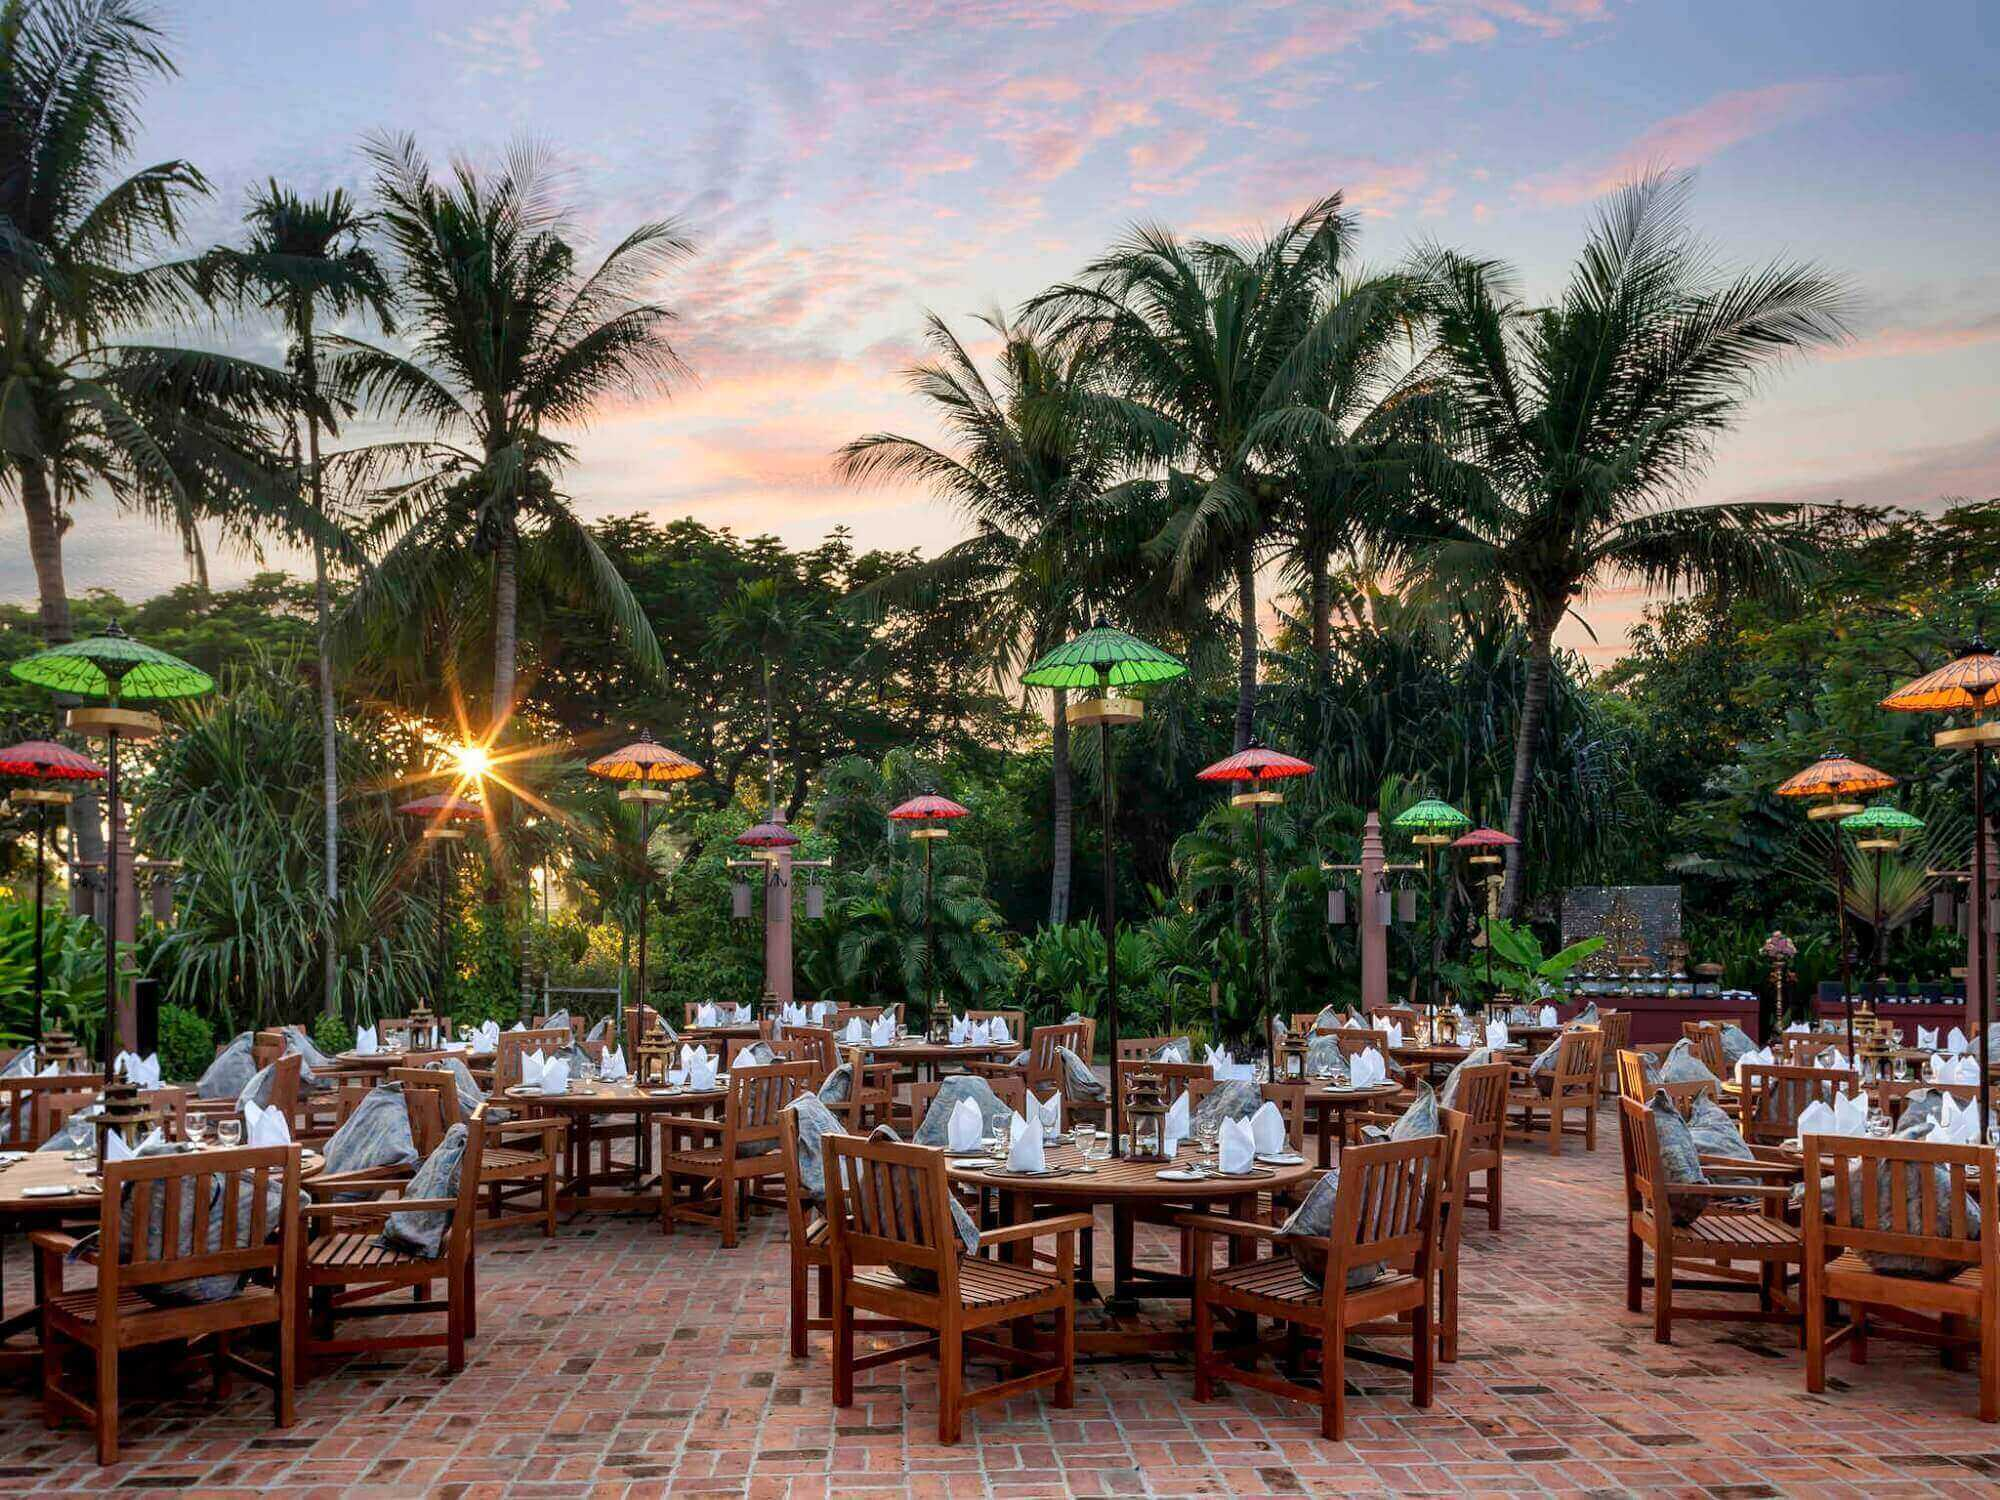 Mercure Mandalay Hill Resort Restaurant